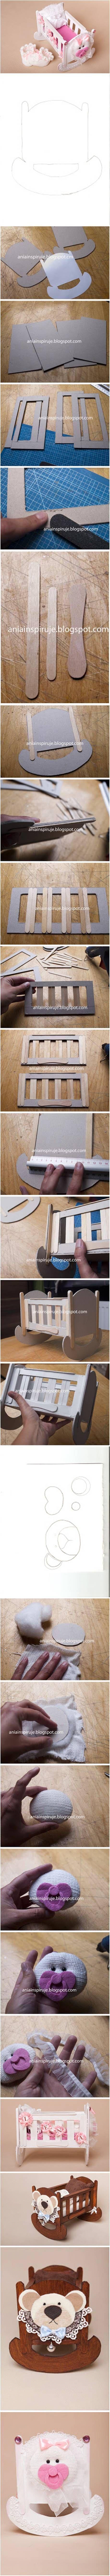 DIY Cardboard Baby Cradle DIY Projects / UsefulDIY.com